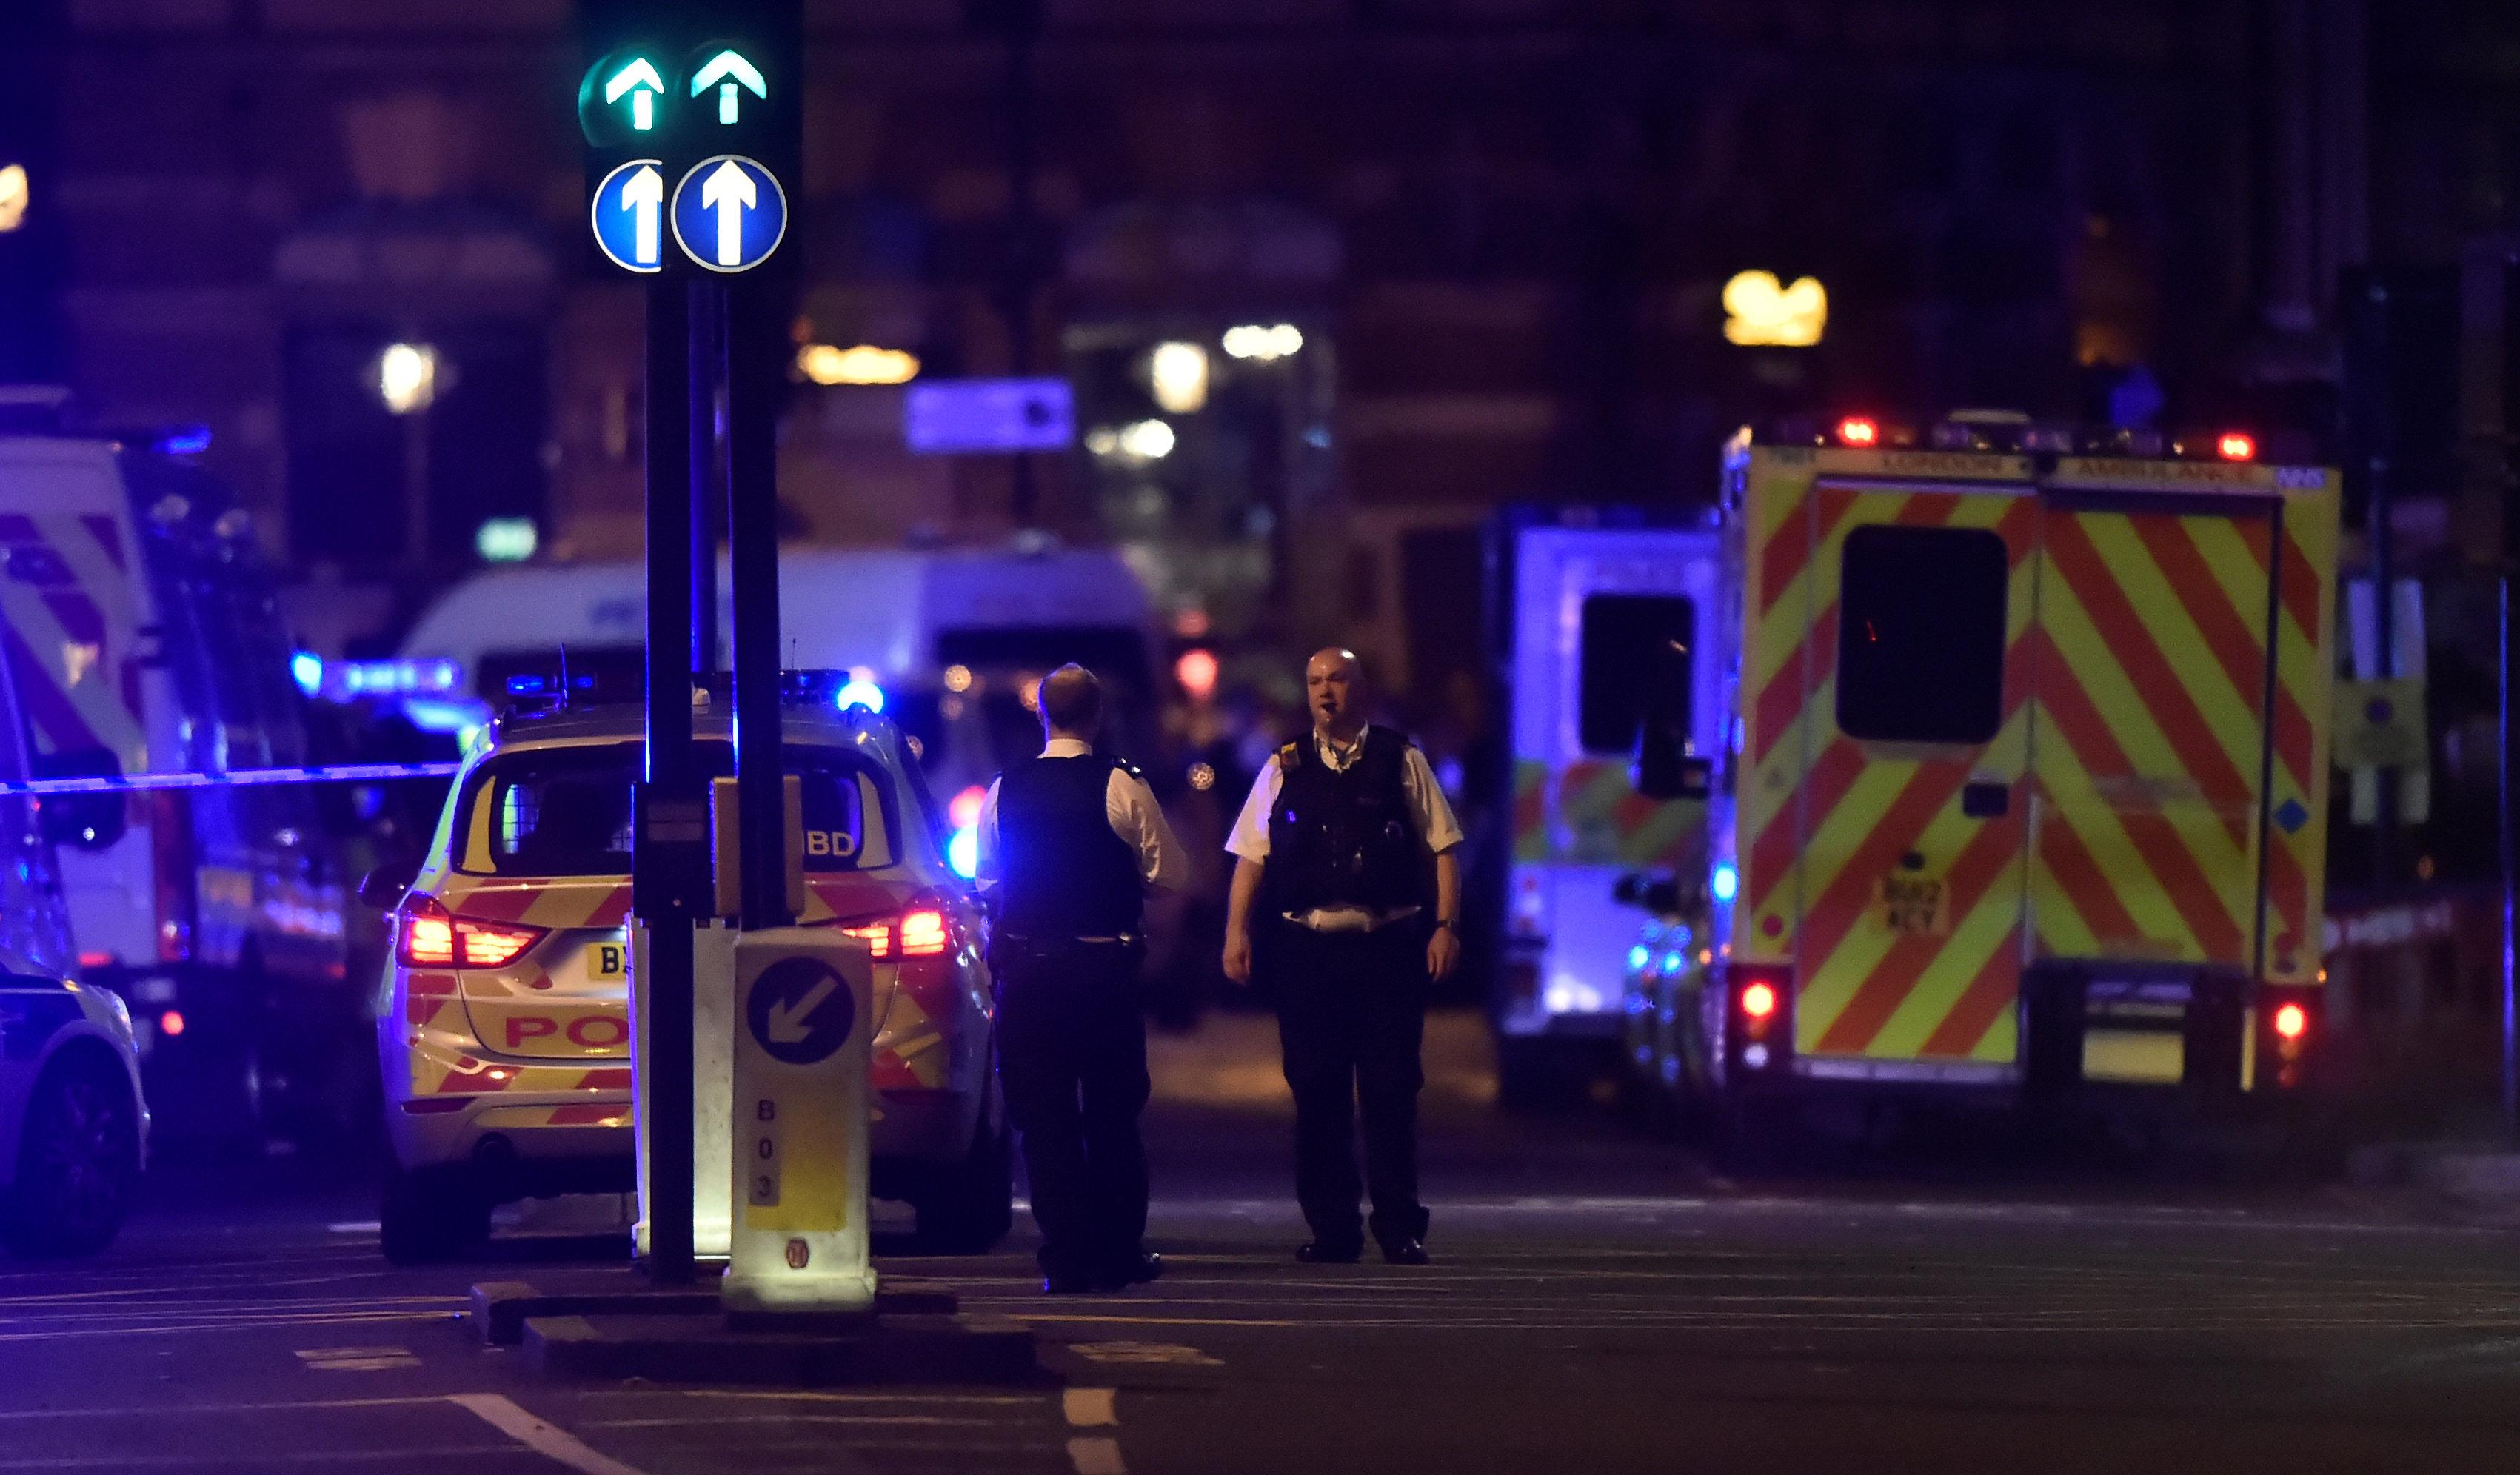 حادث على جسر لندن